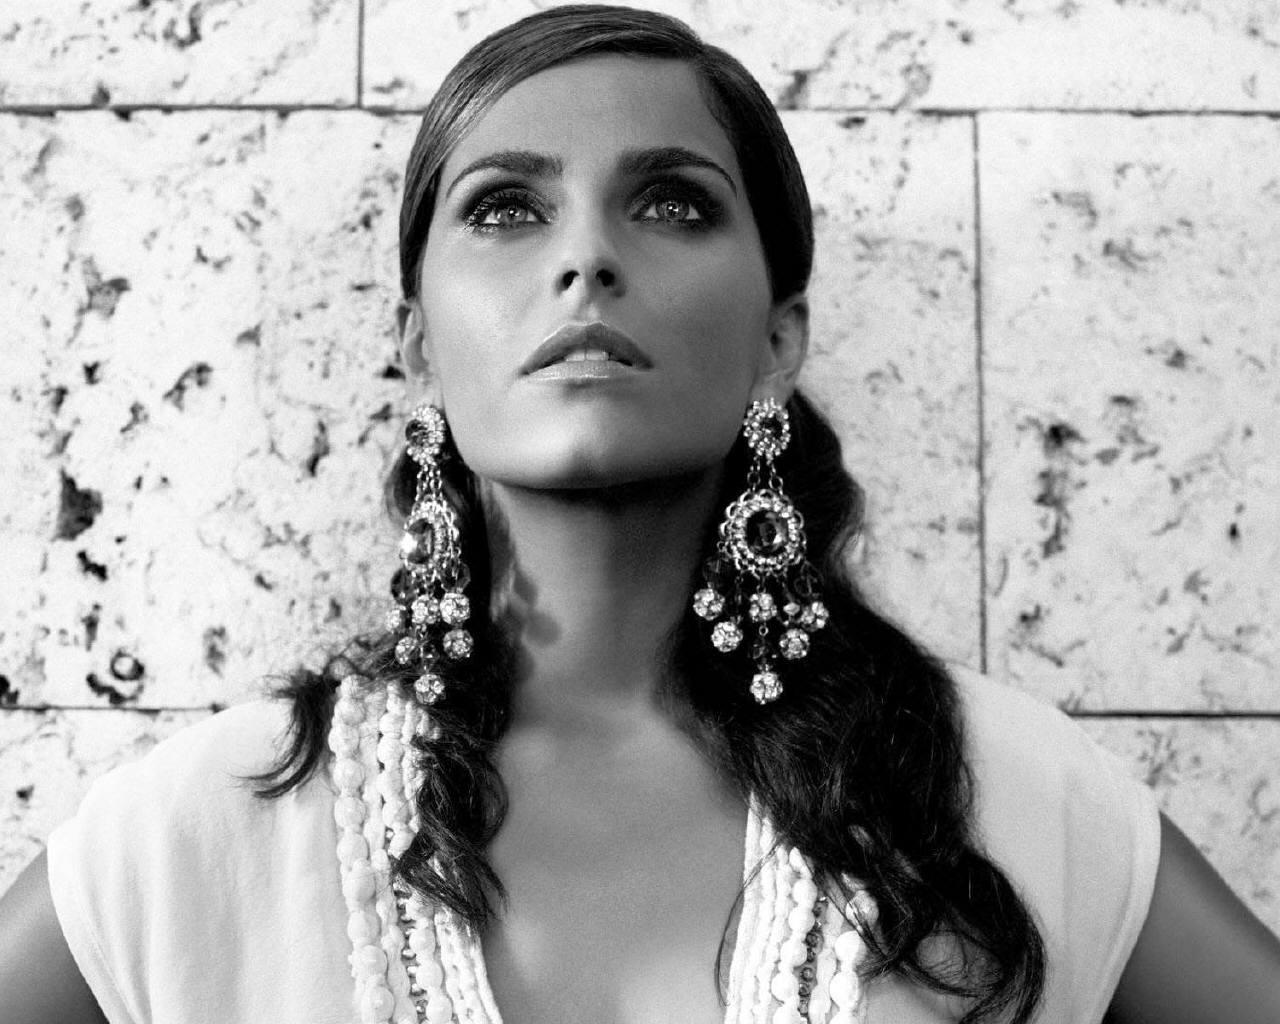 Нелли Фуртадо (Nelly Furtado) - фото №2